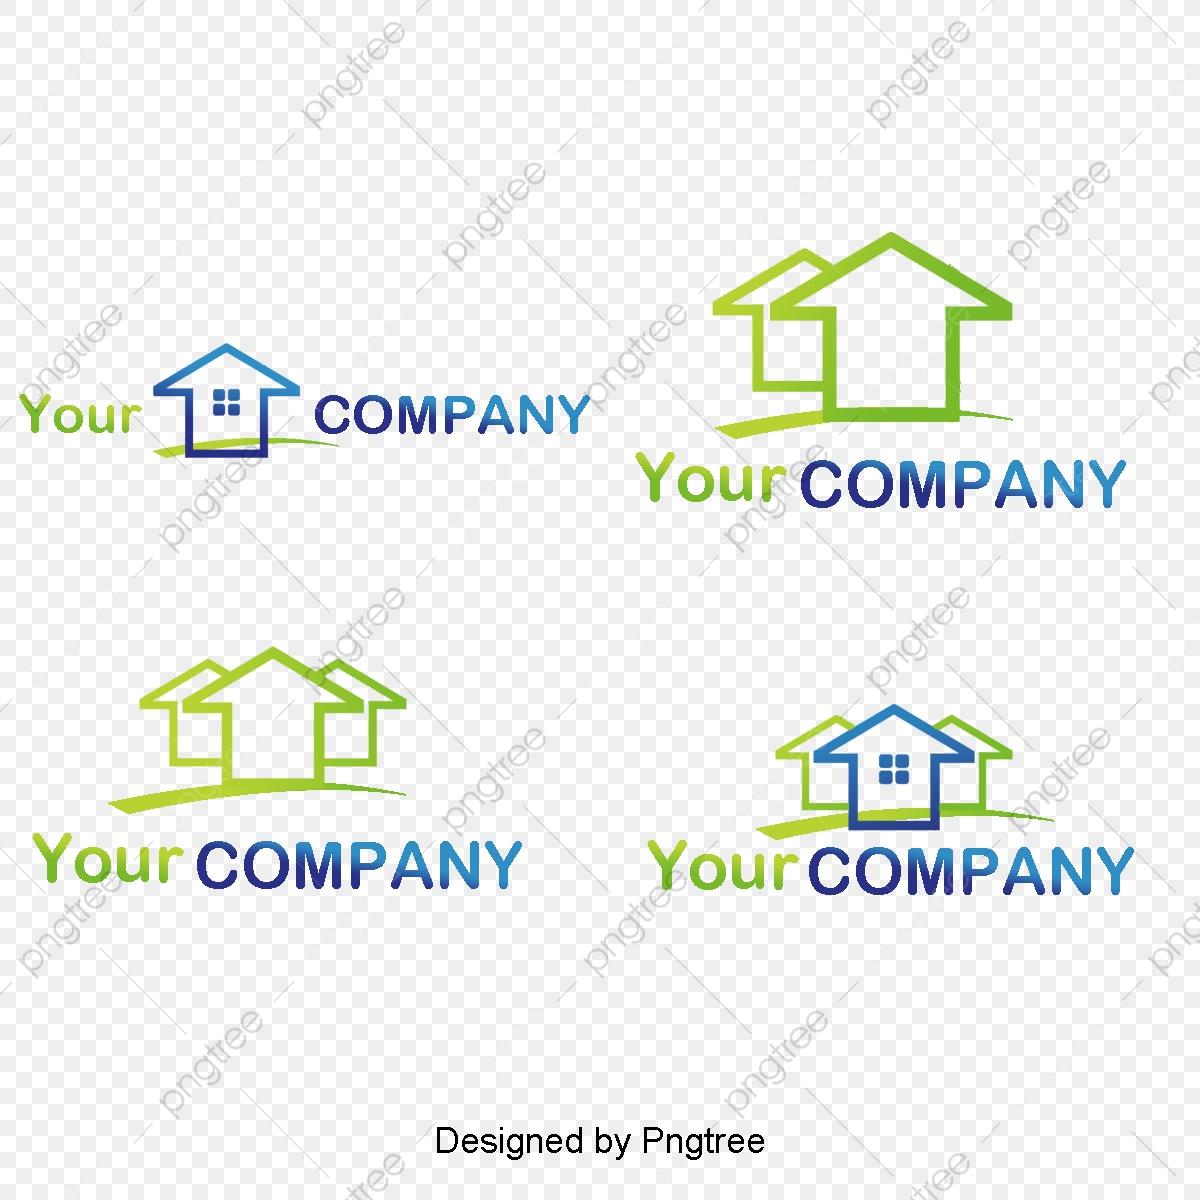 Corporate Logo, Graph, Logo Design, Company Logo PNG Transparent.